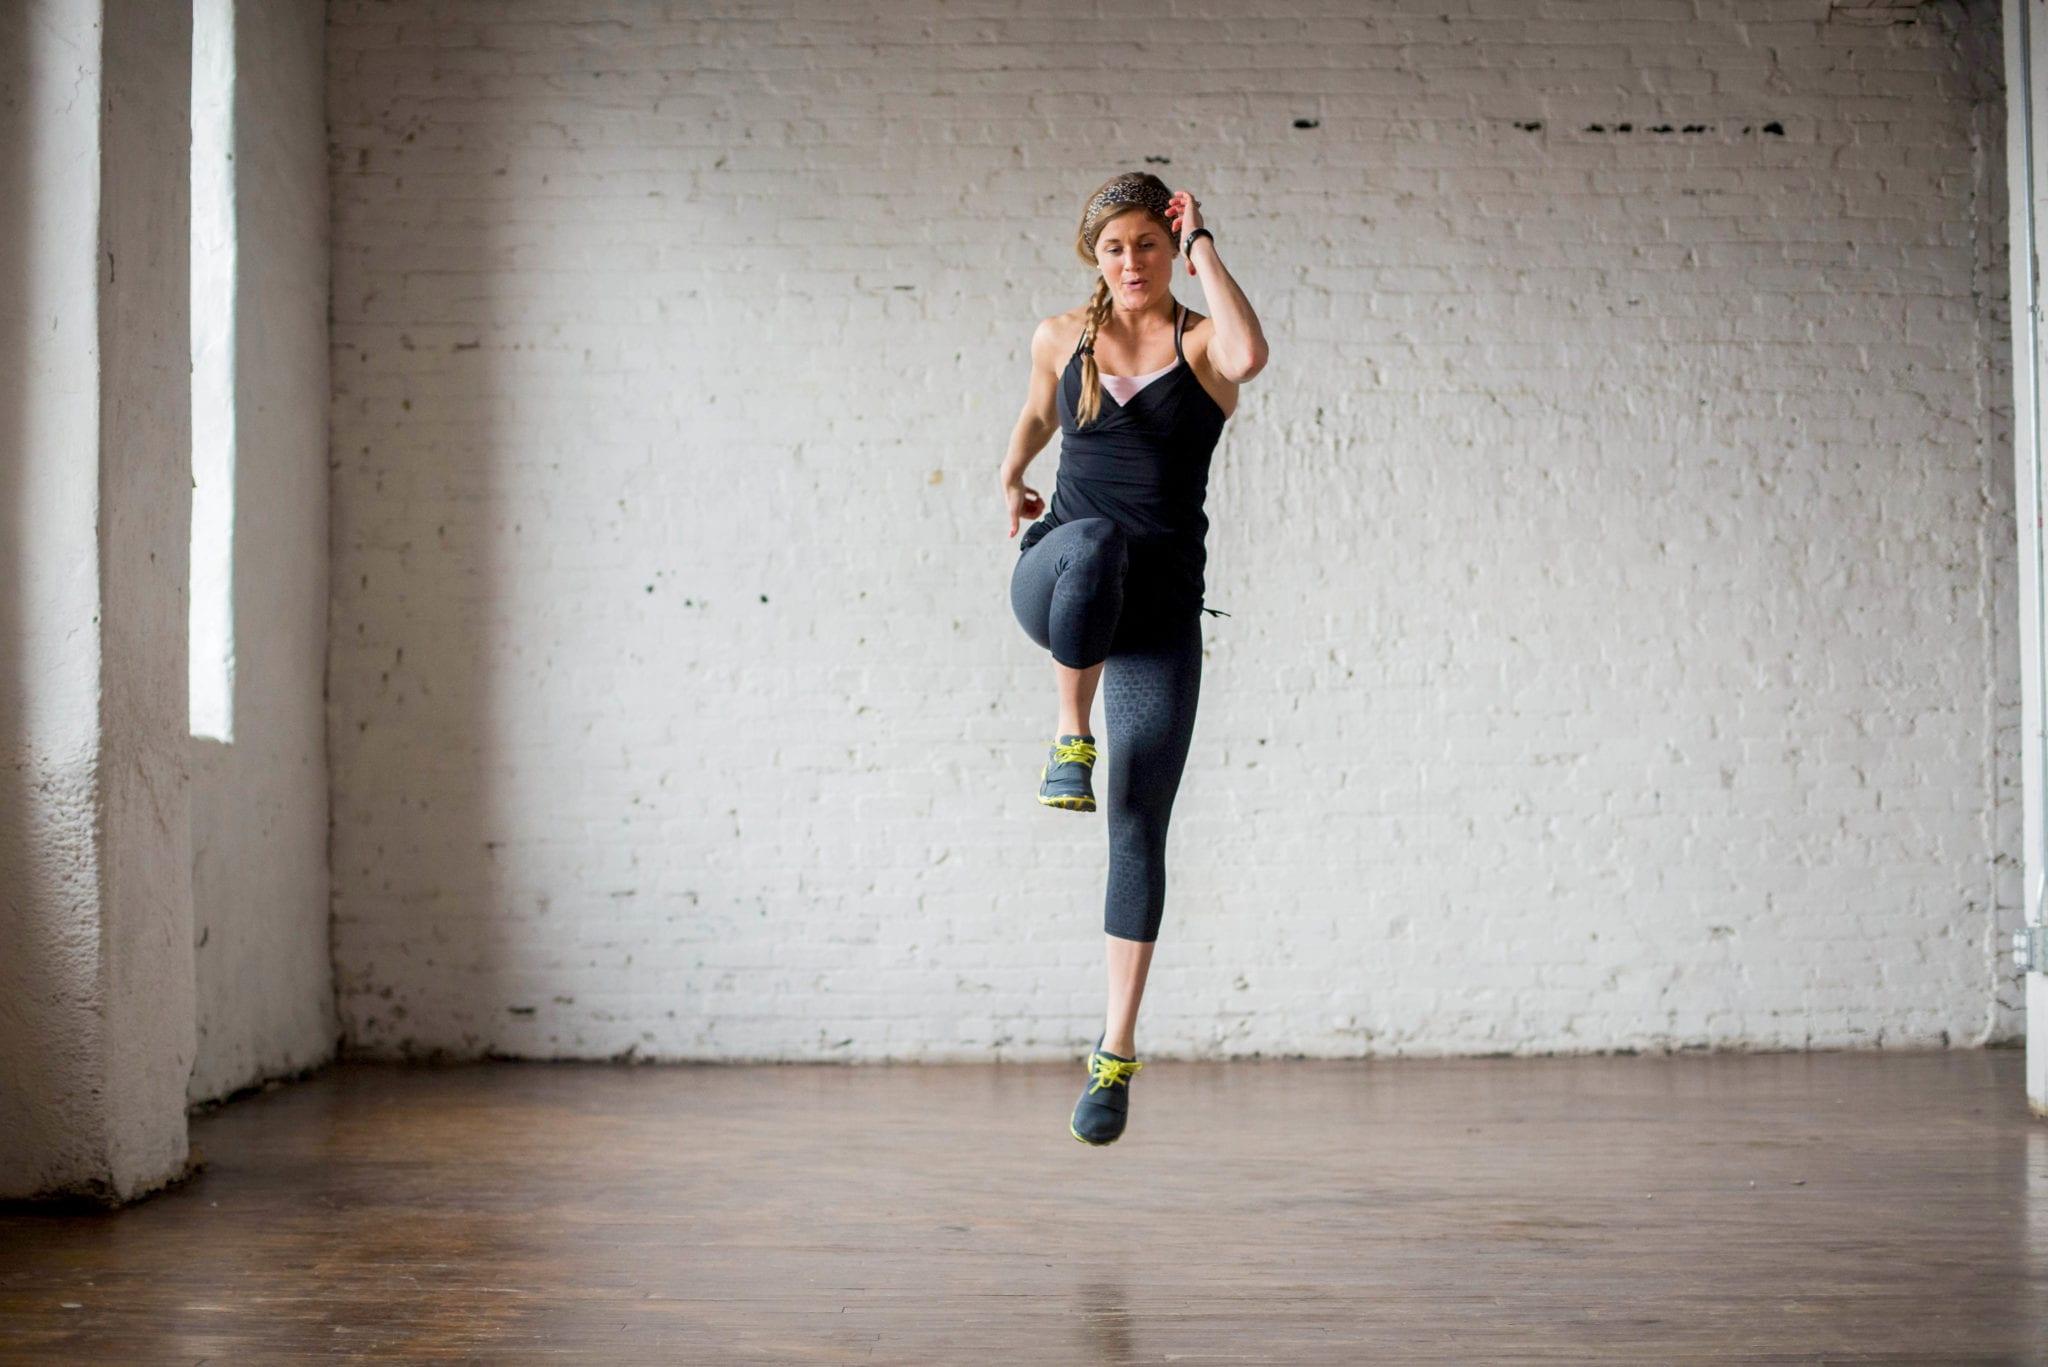 Загрявката е много важна при табата, както и при всяка друга физическа дейност